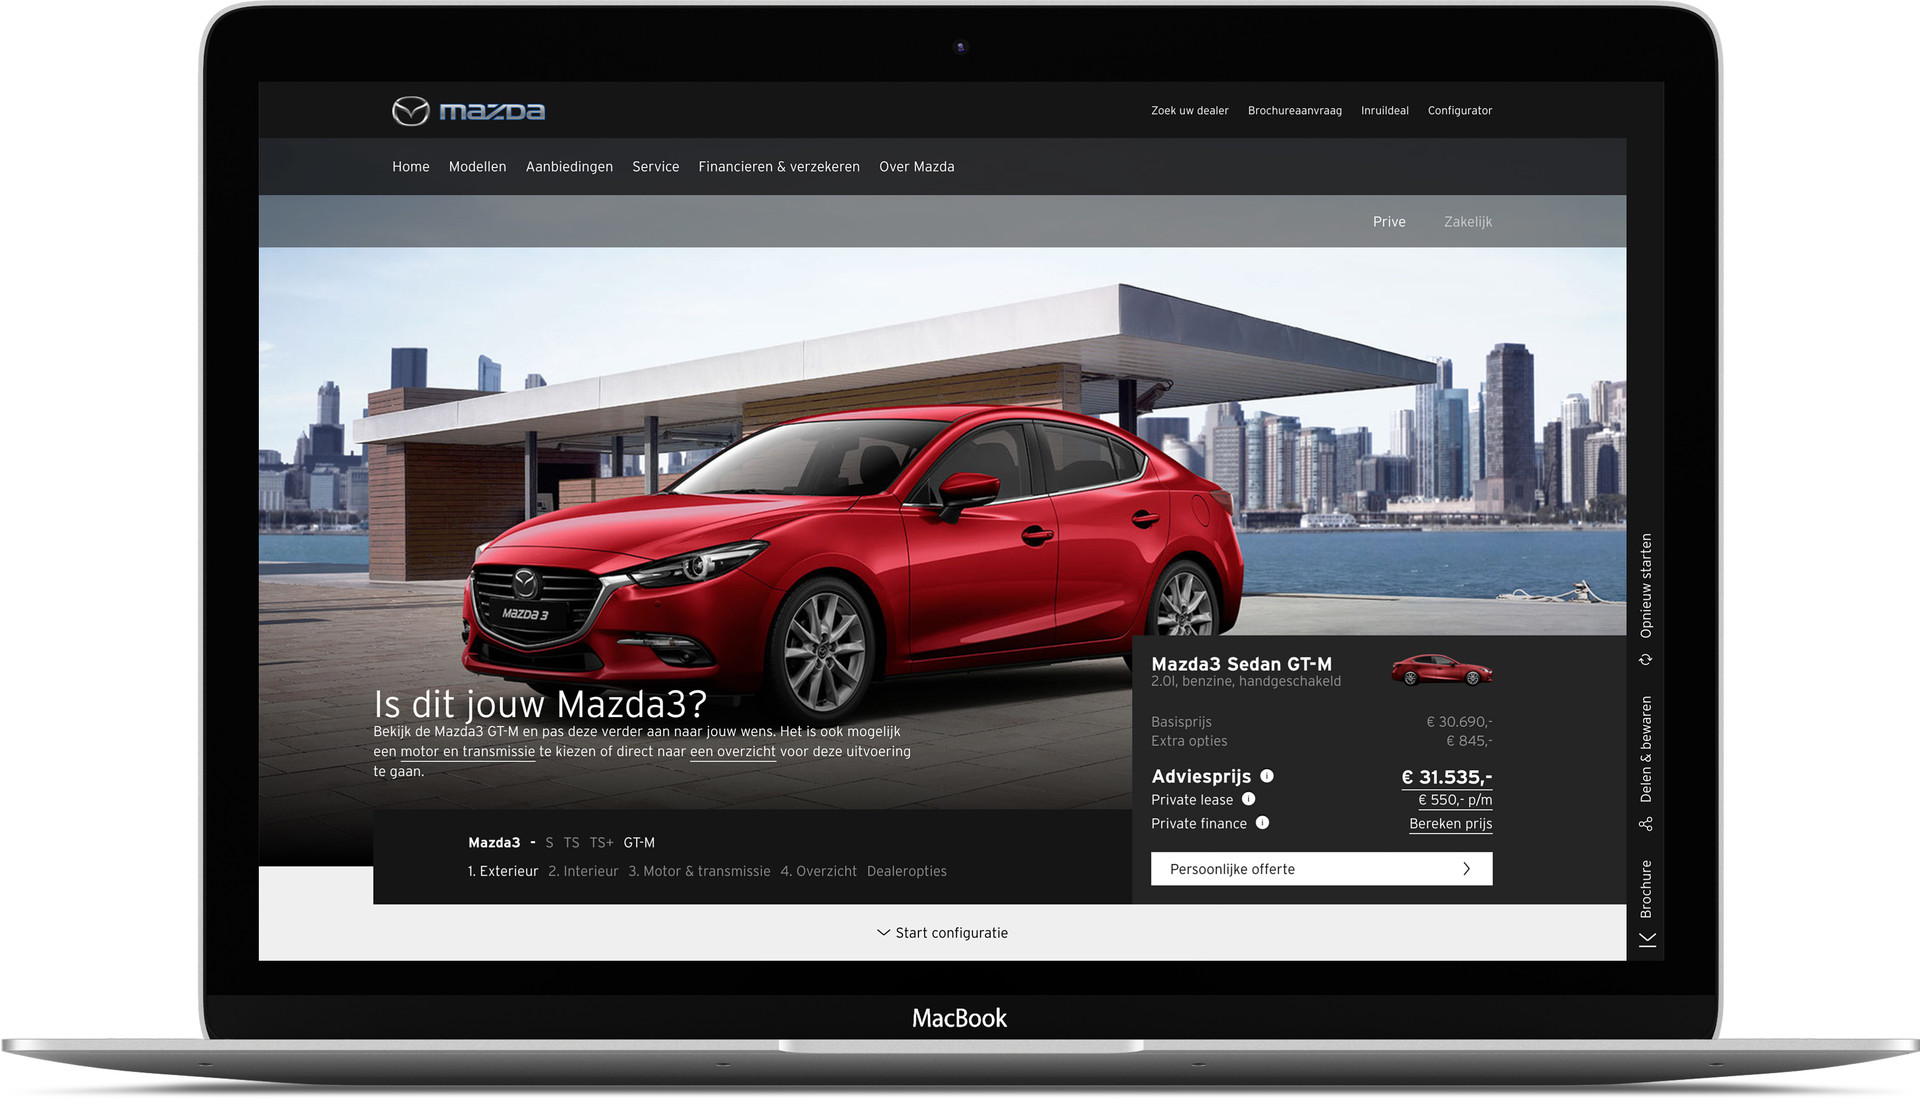 Istraživanje: Pre izbora i konfigurisanja automobila, proverite cene rezervnih delova i servisa